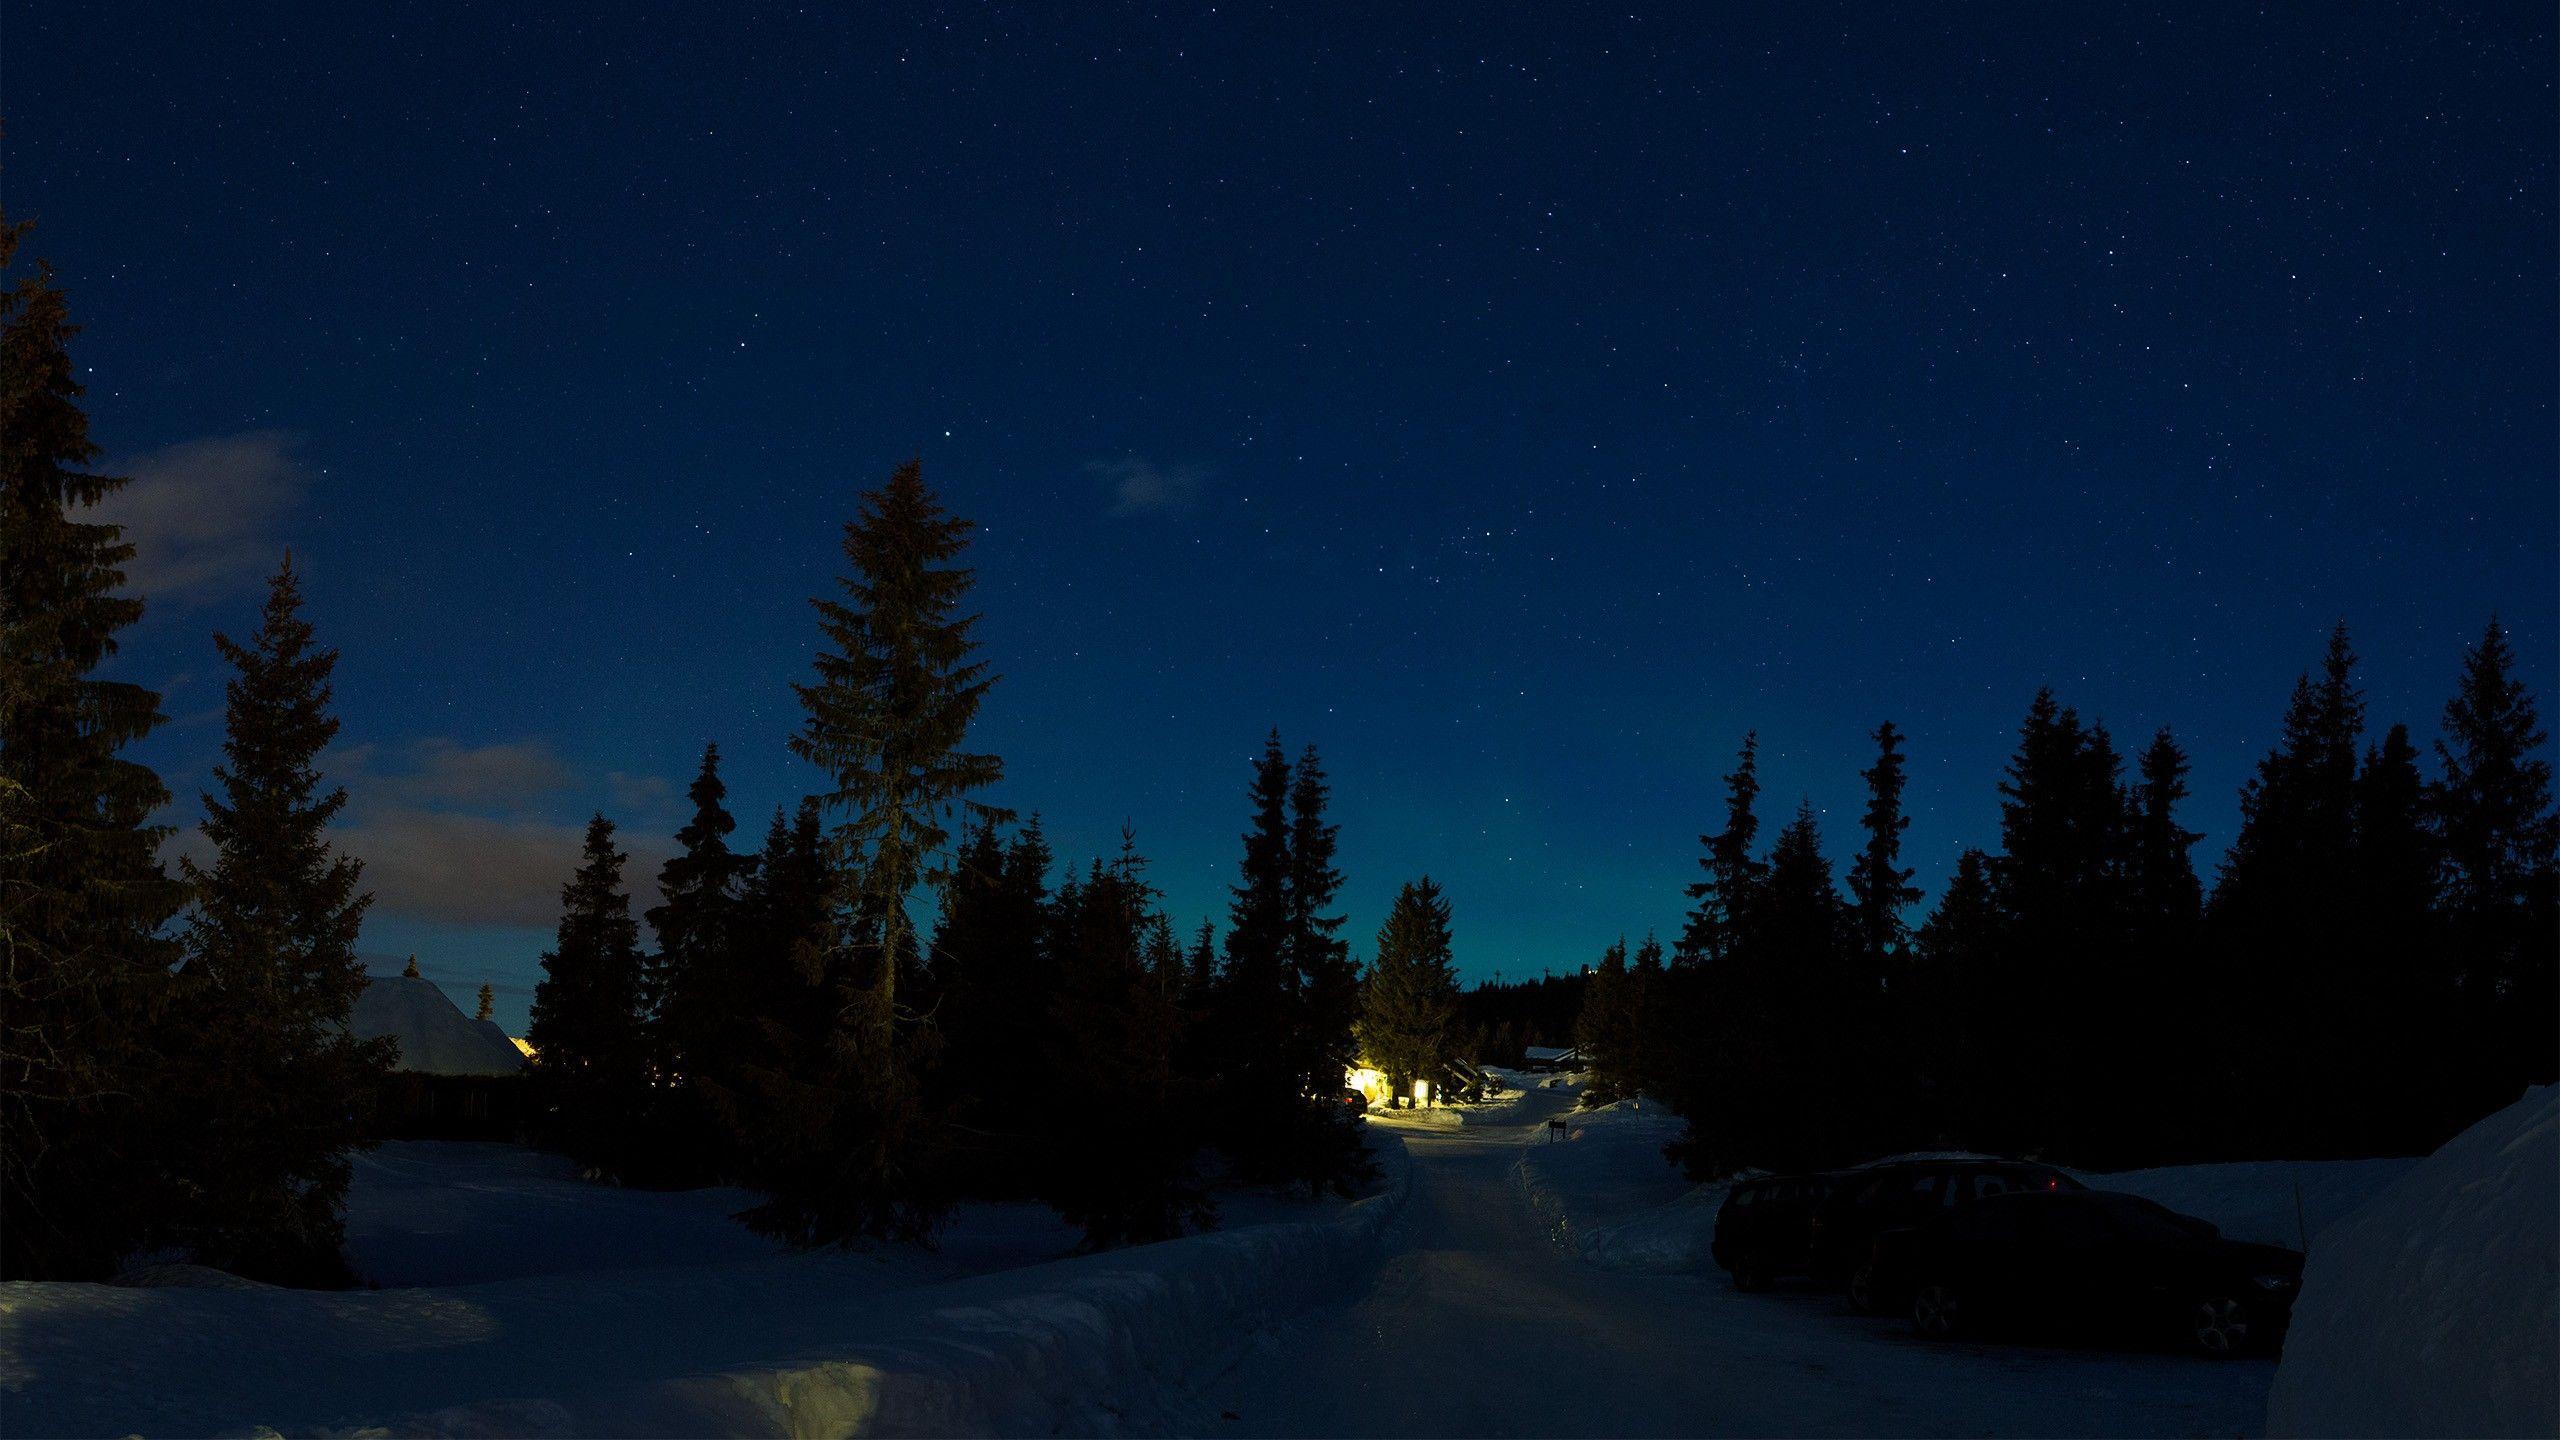 Обои На Рабочий Стол Зима Ночью